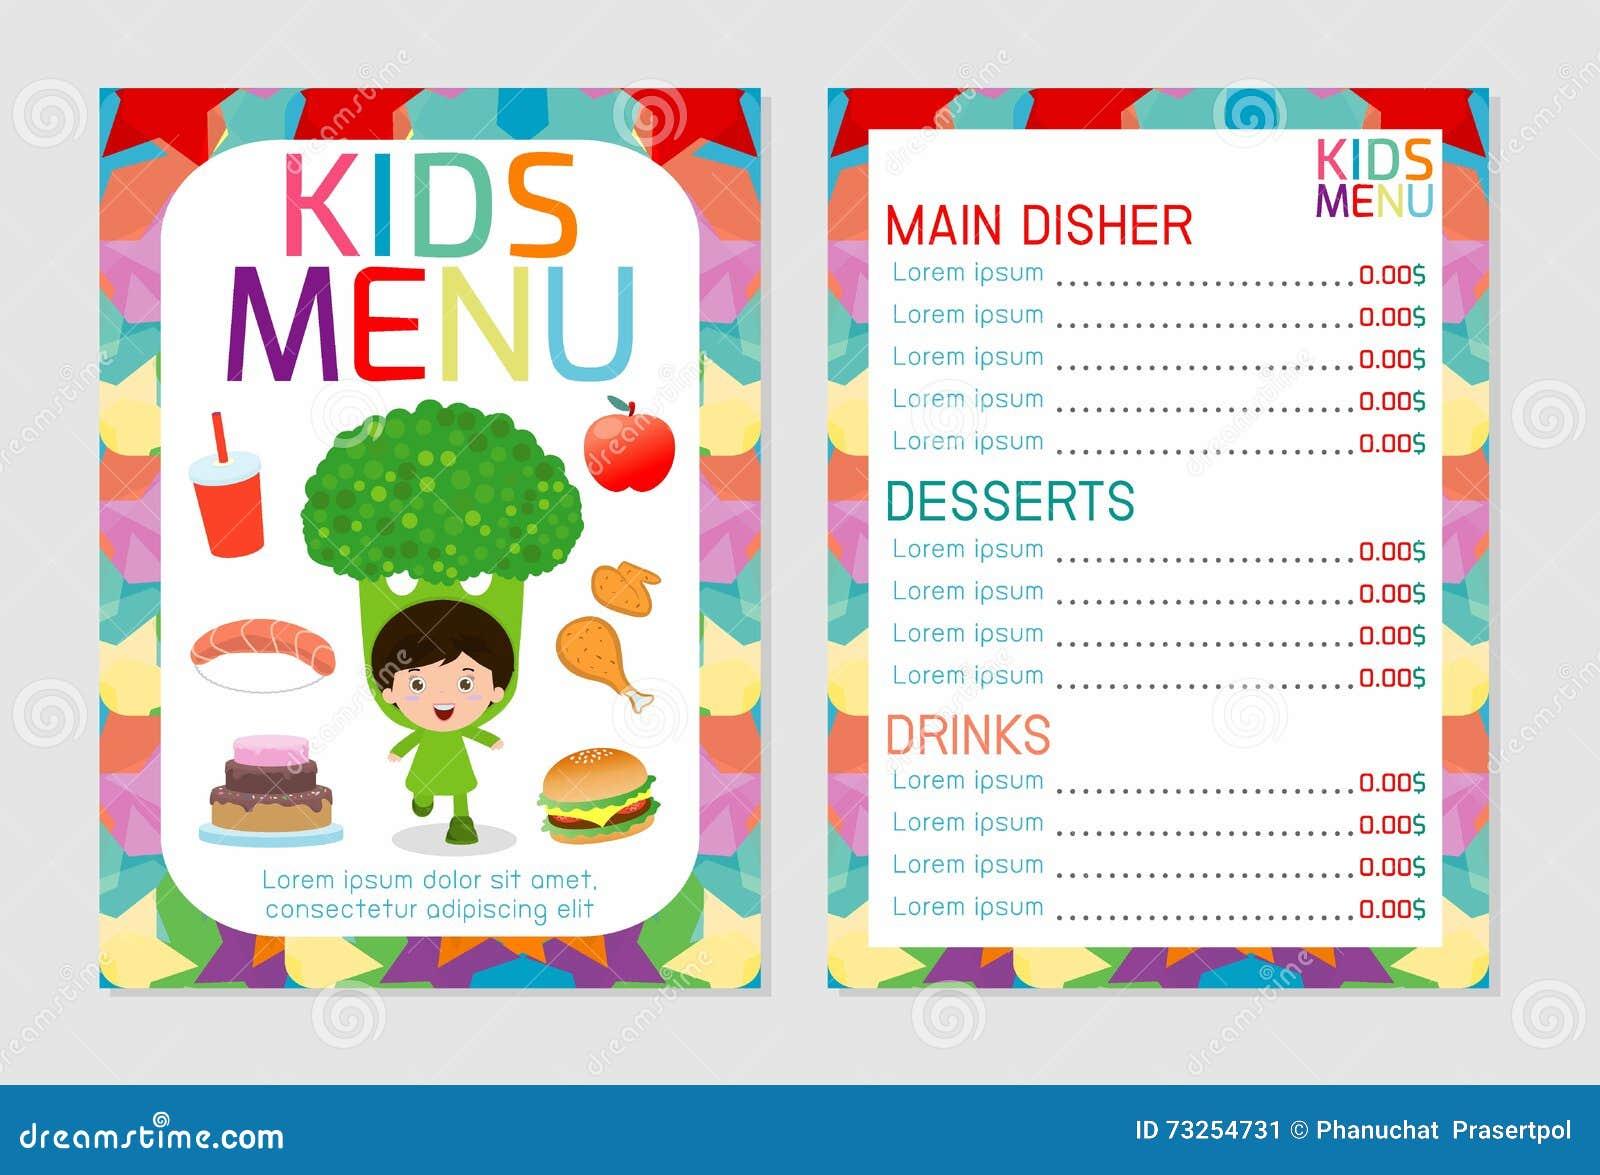 меню картинка для детей